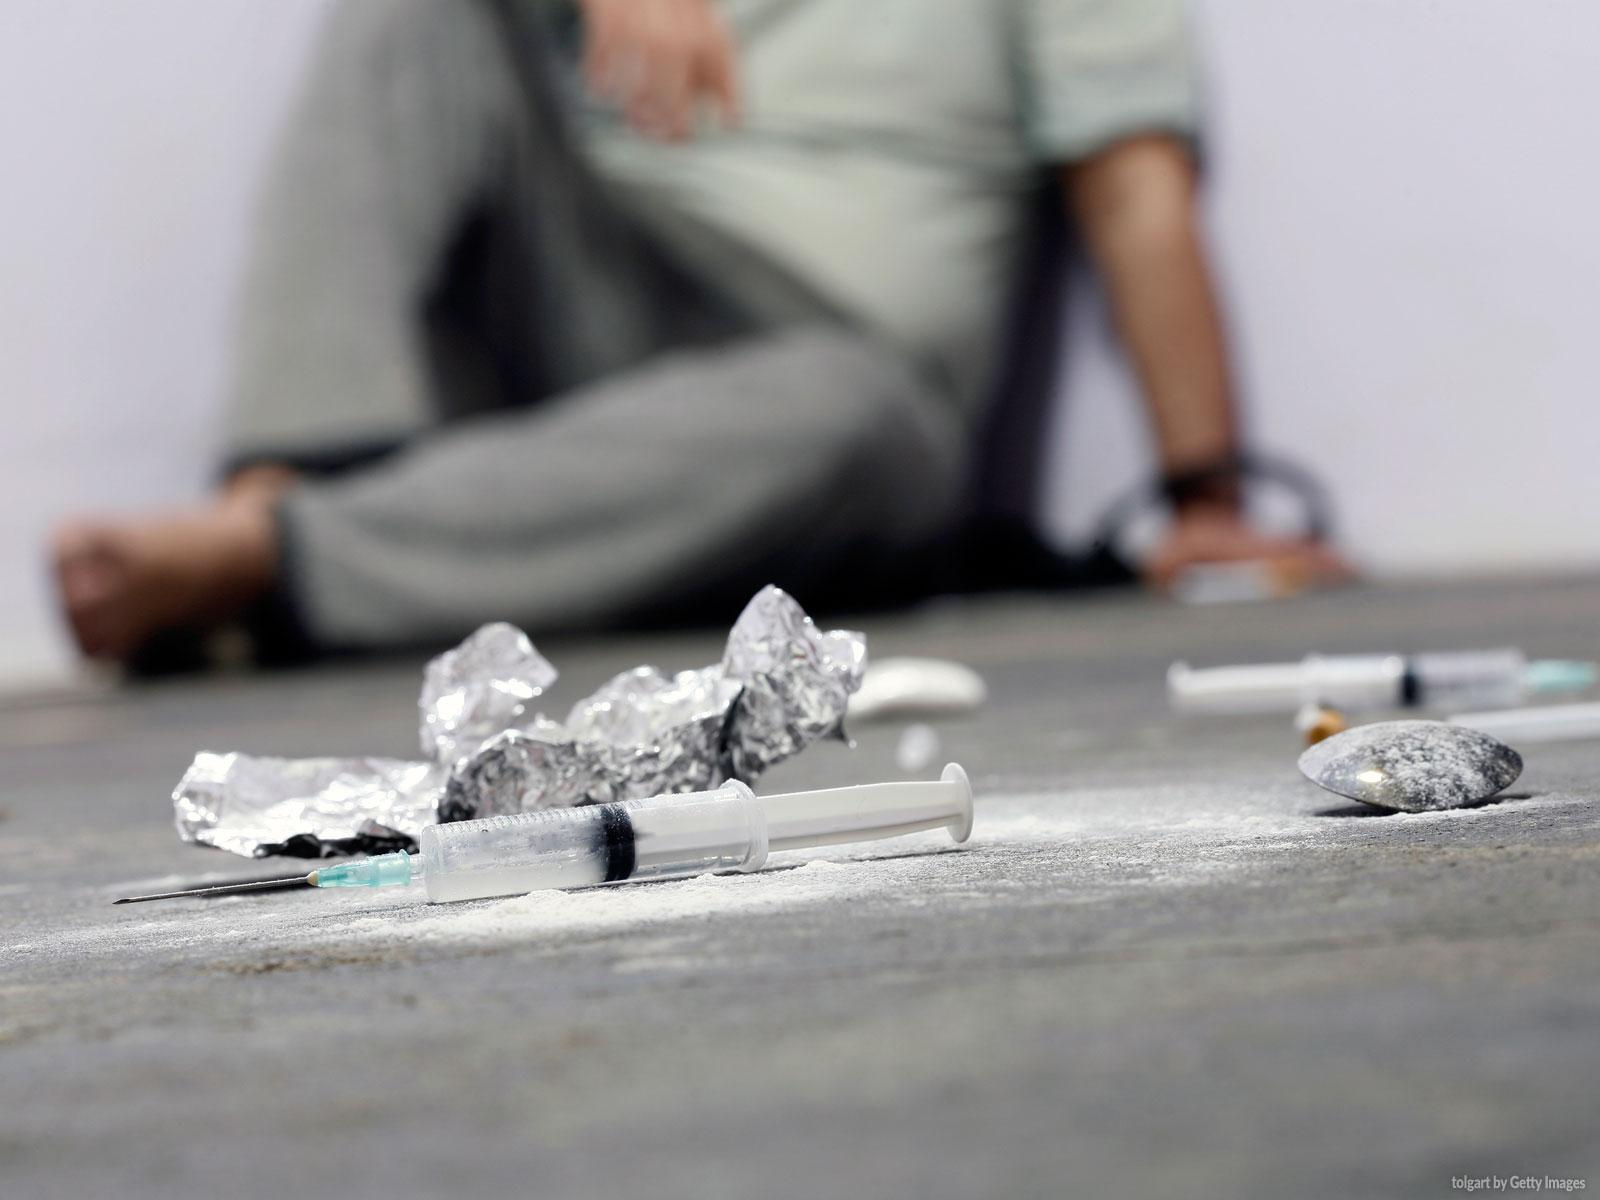 As drogas nos trazem uma vida de liberdade ou de escravidão?